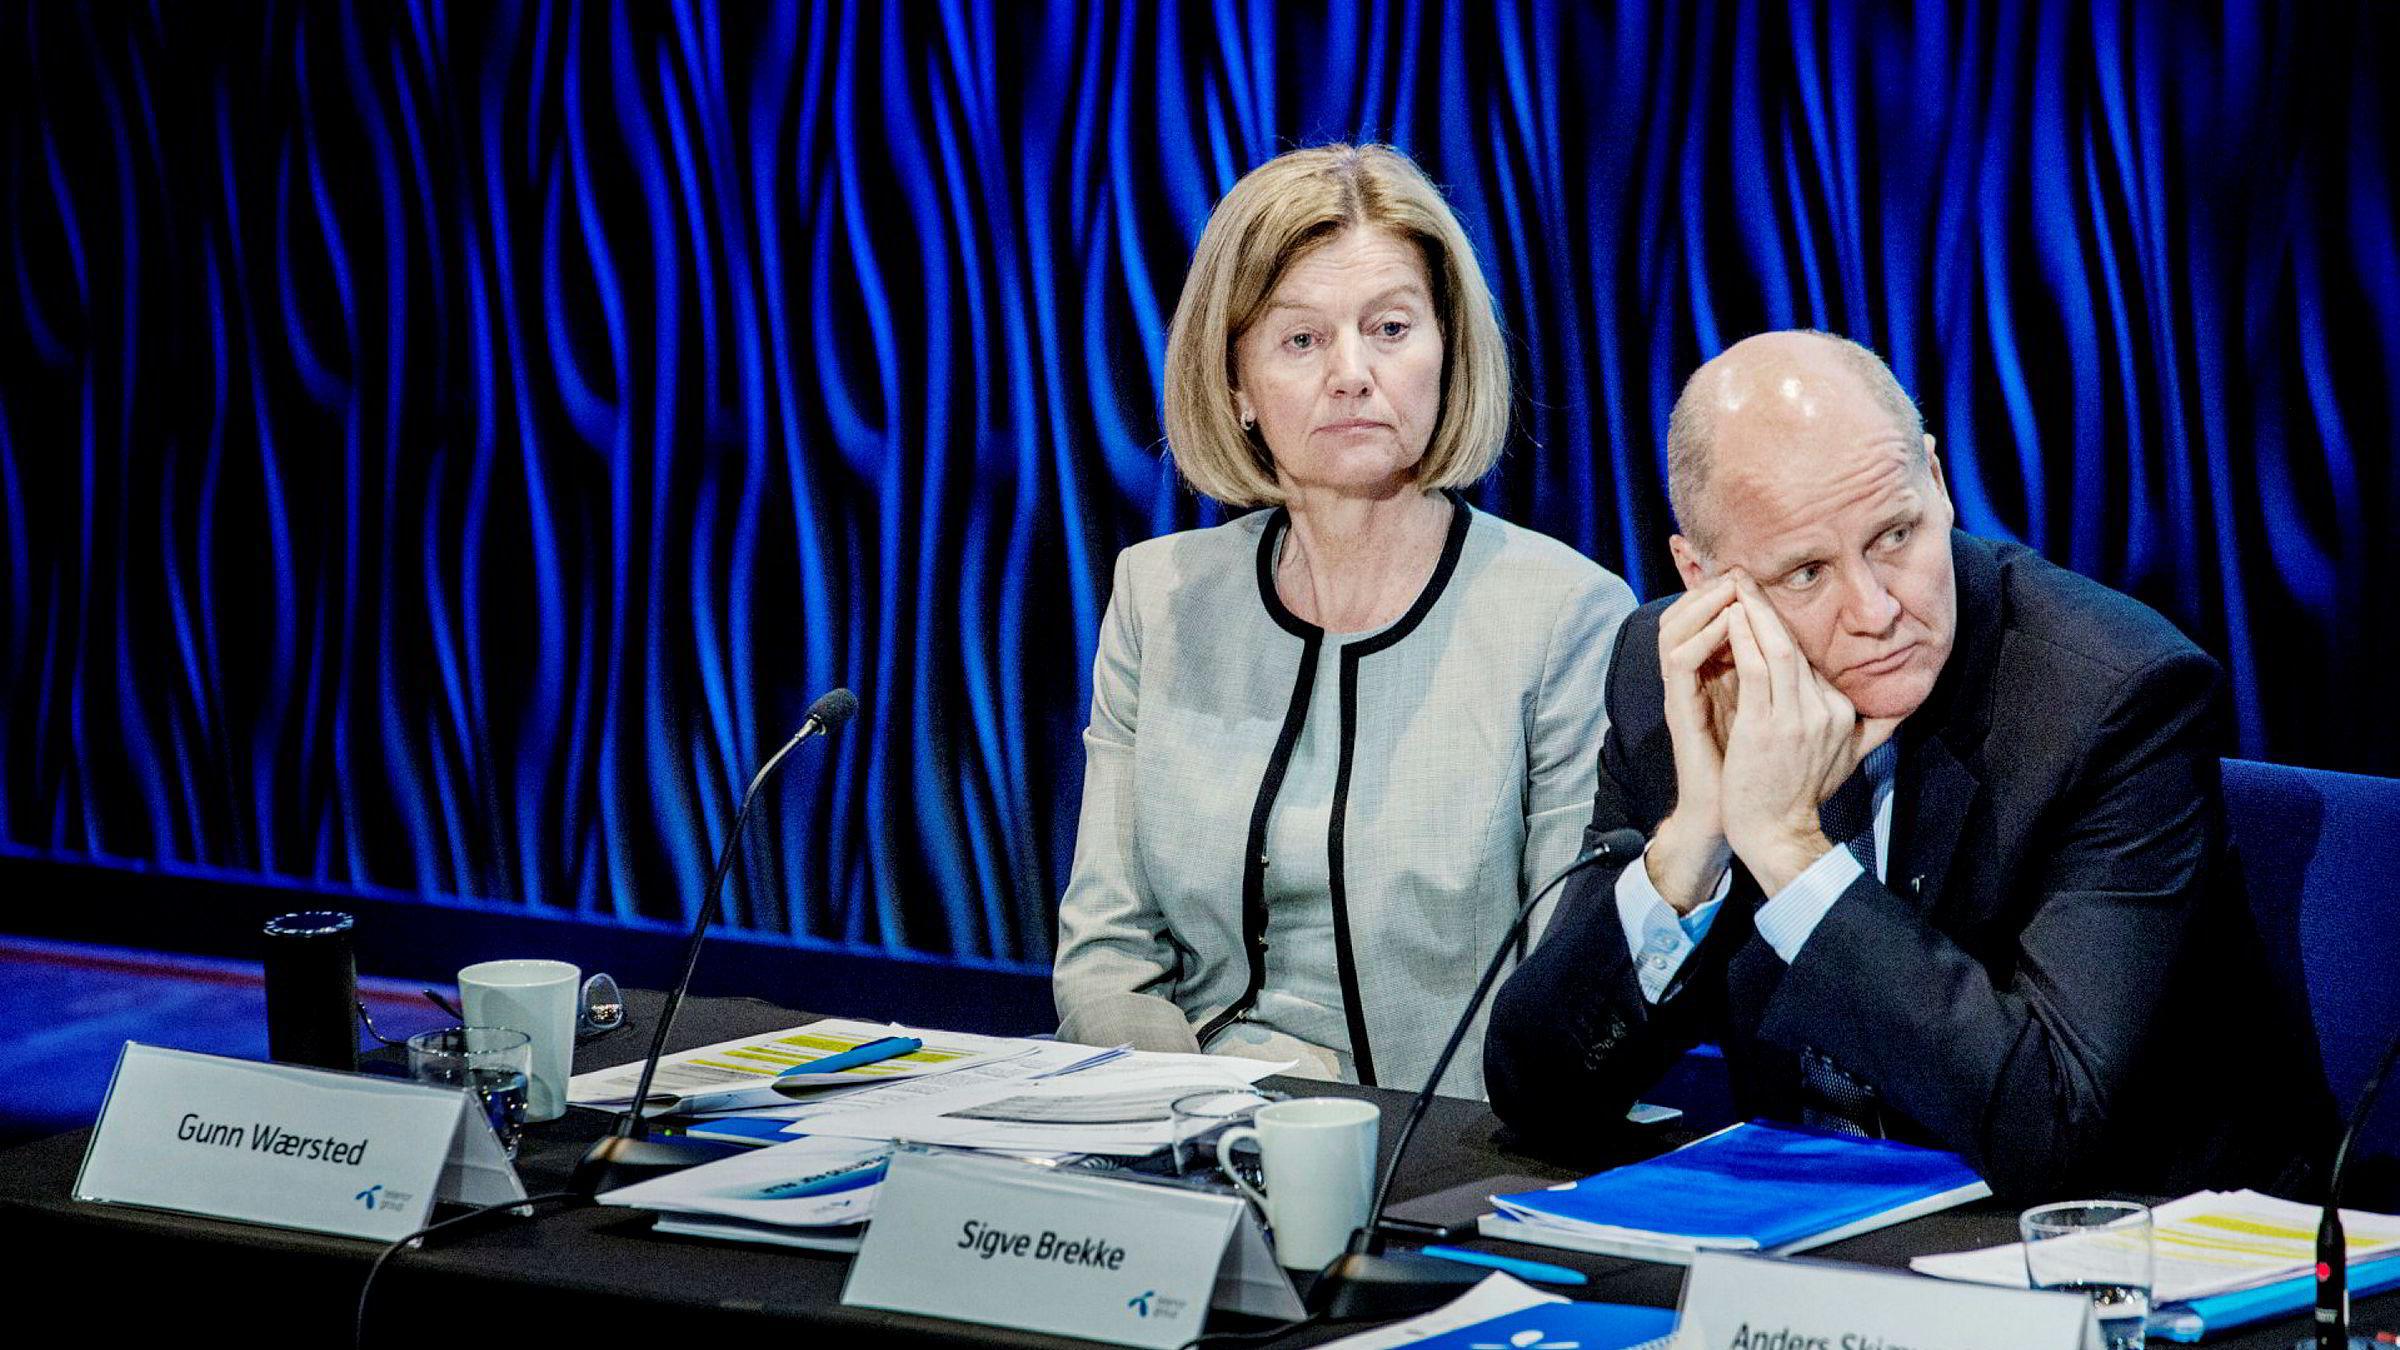 Styreleder Gunn Wærsted og styret i Telenor har diskutert en rekke forhold knyttet til konsernsjef Sigve Brekke denne høsten.